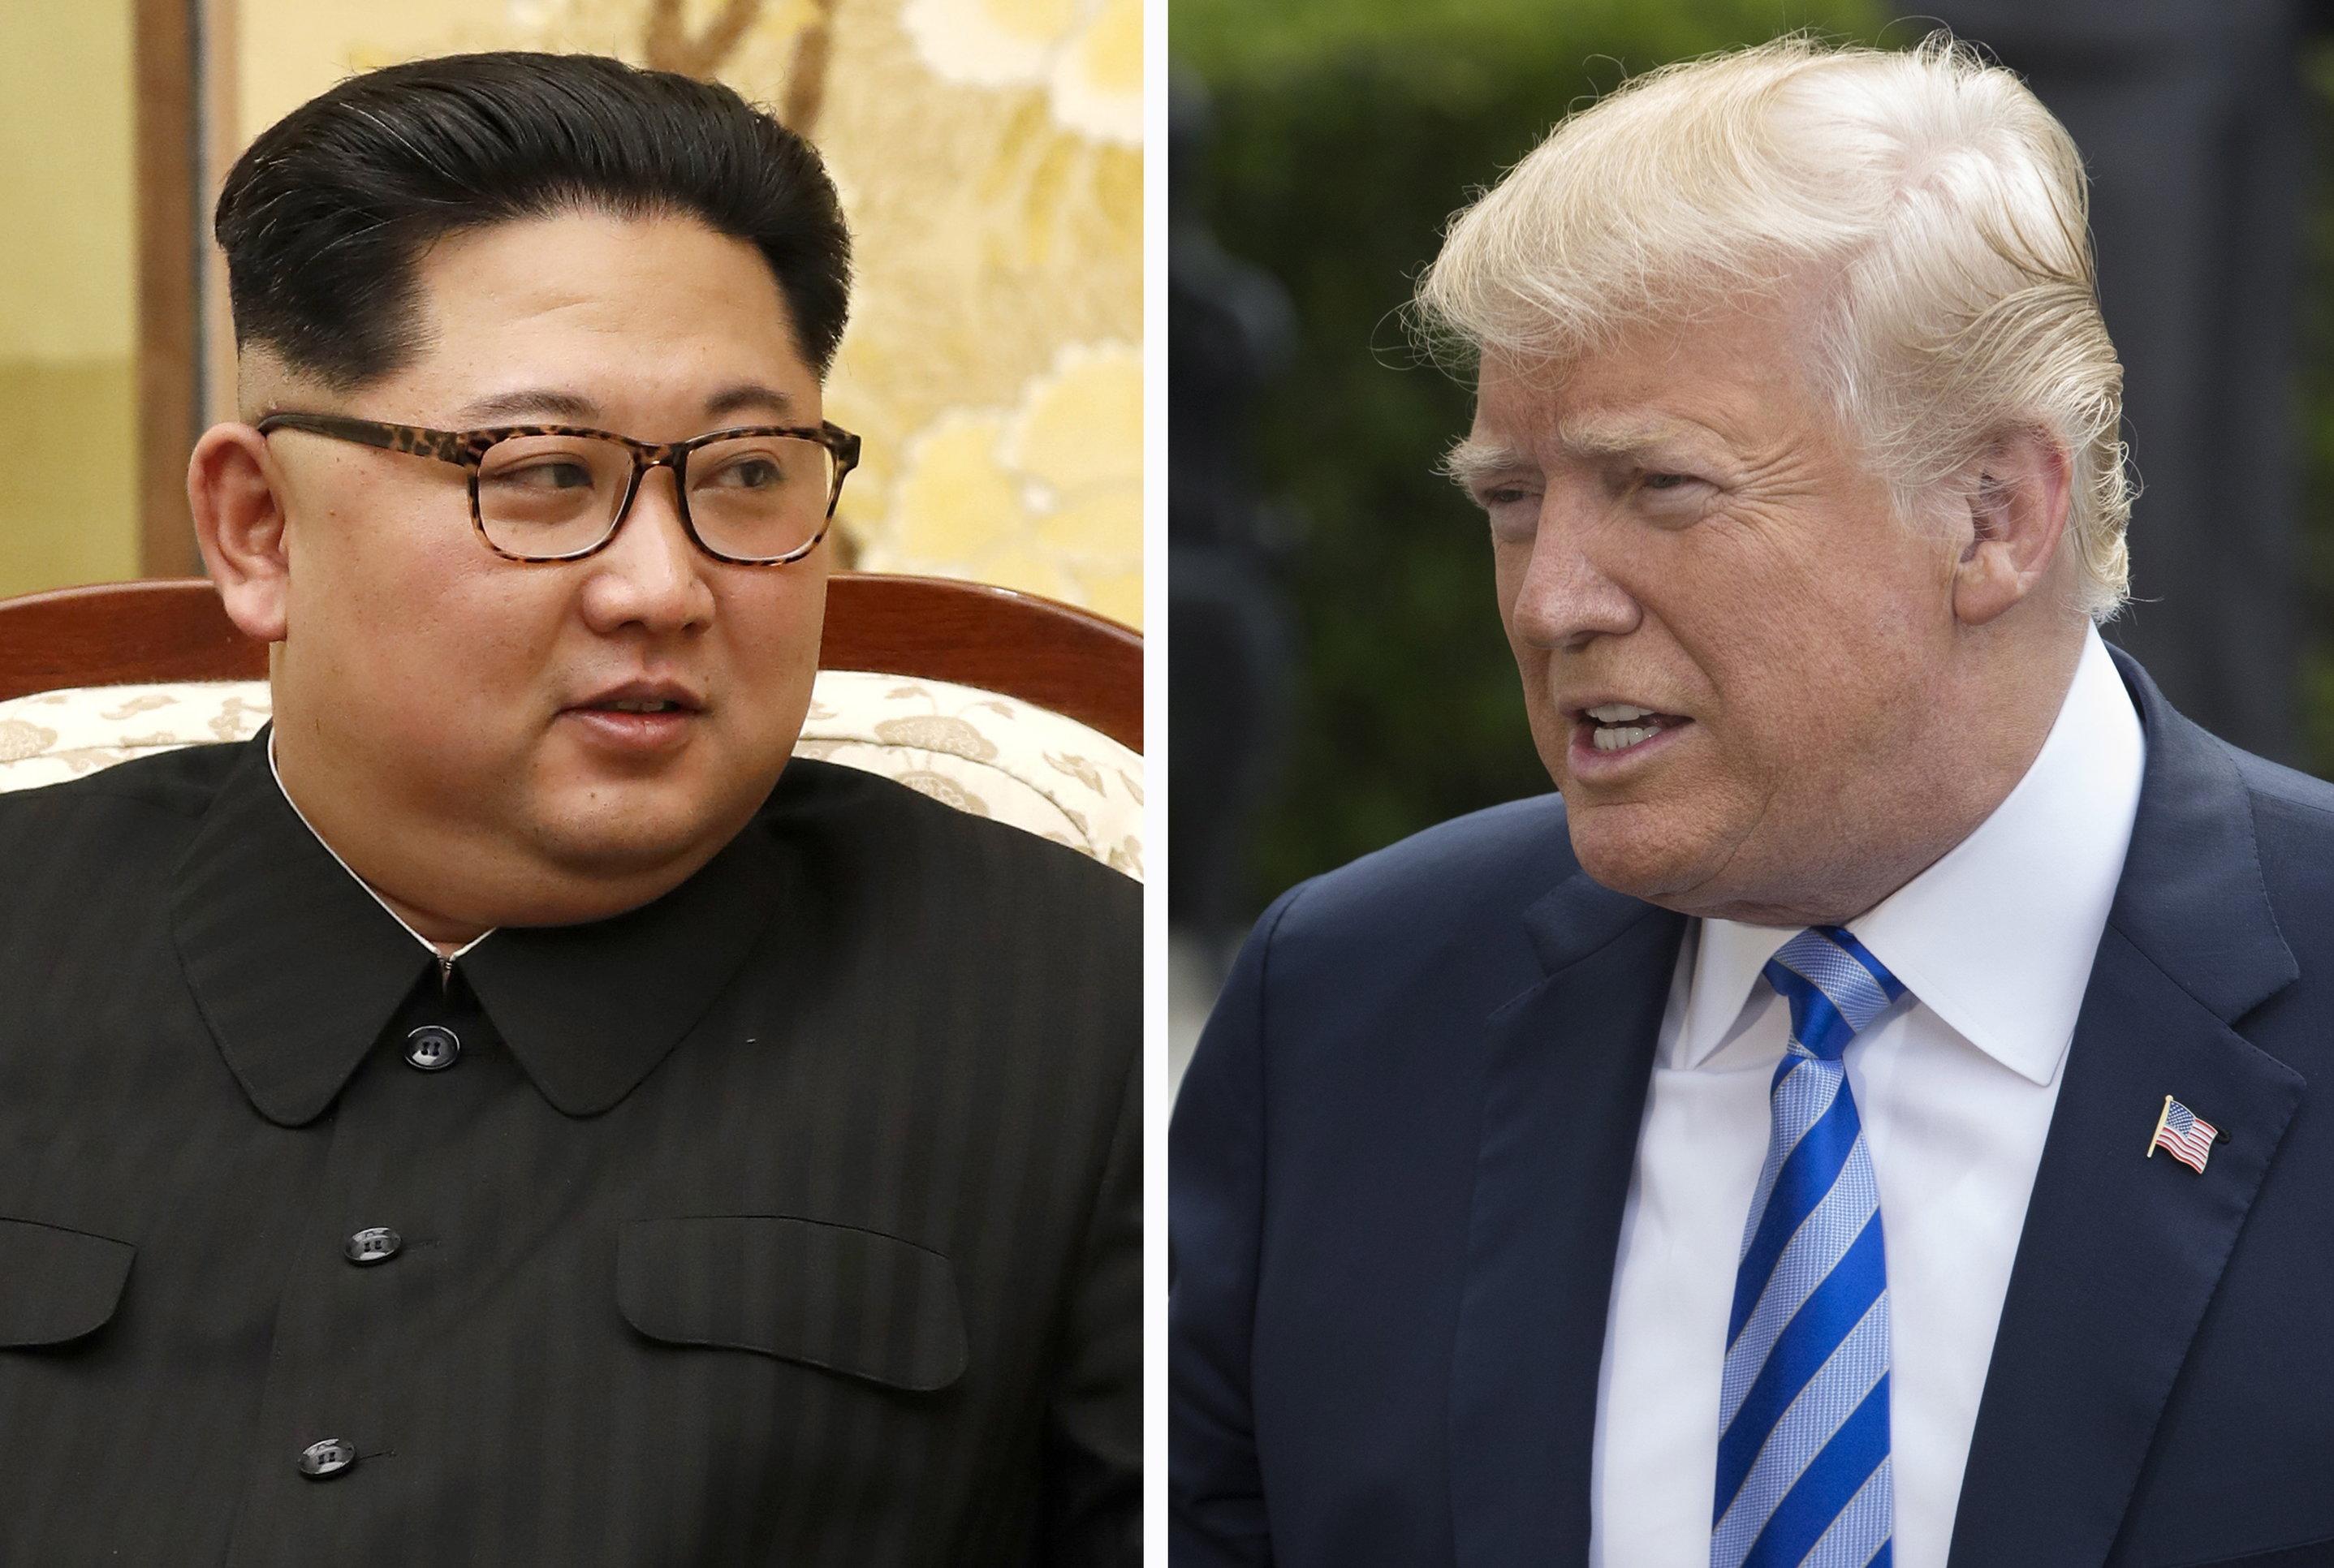 Trump otkazao sumit s Kim Jong Unom, zaprijetio uporabom nuklearnog arsenala